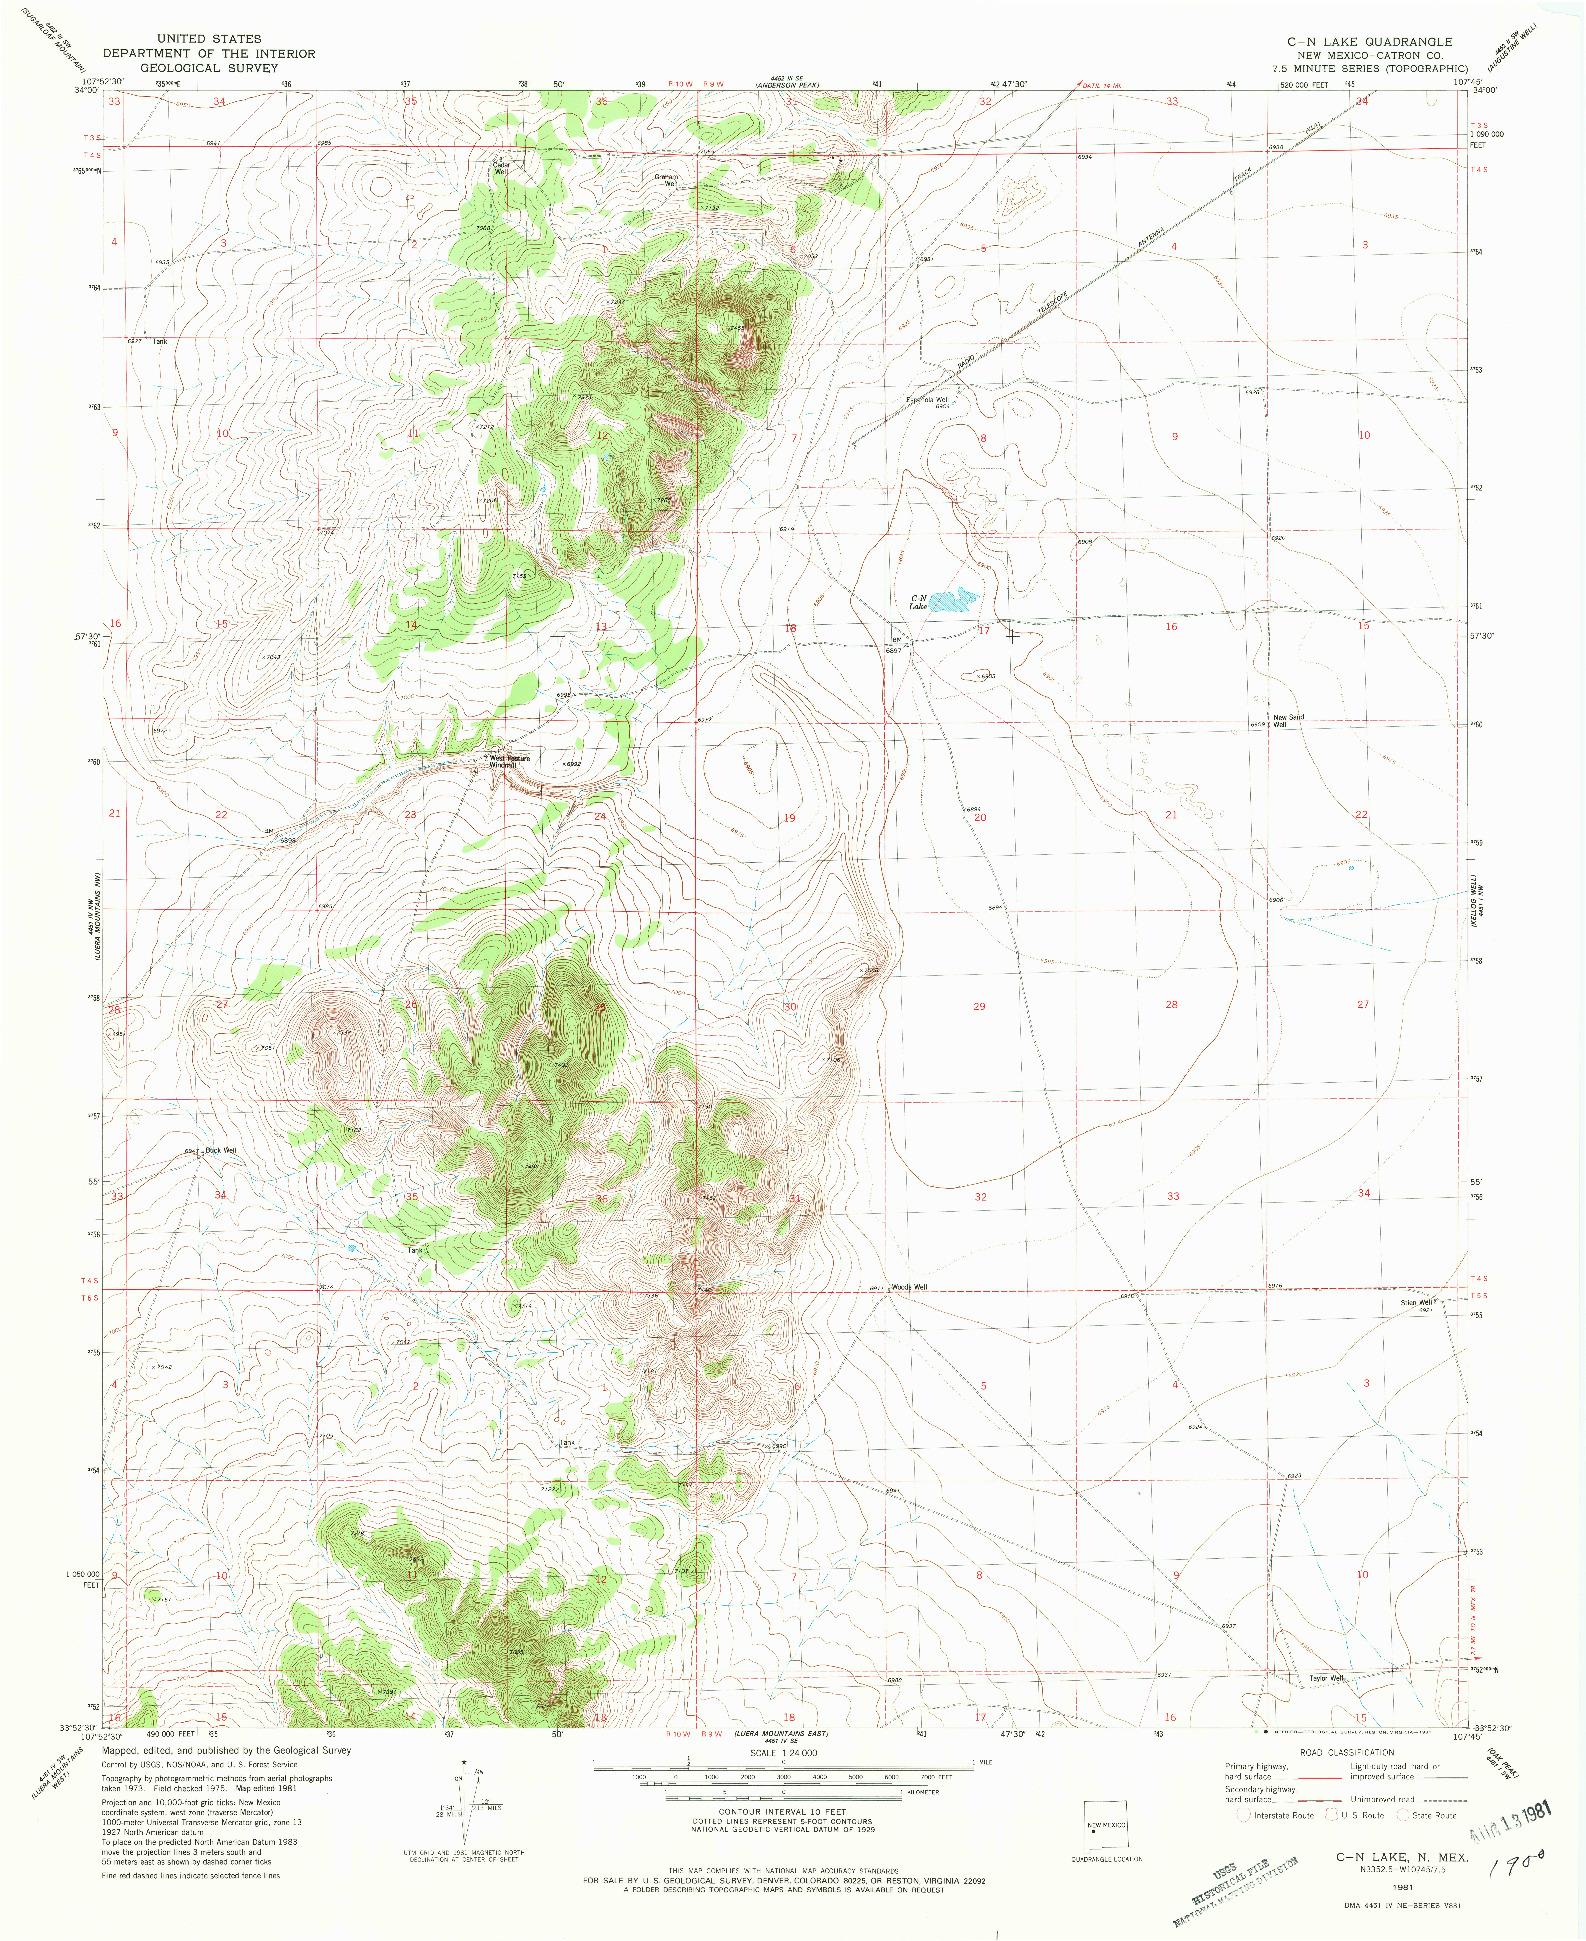 USGS 1:24000-SCALE QUADRANGLE FOR C N LAKE, NM 1981